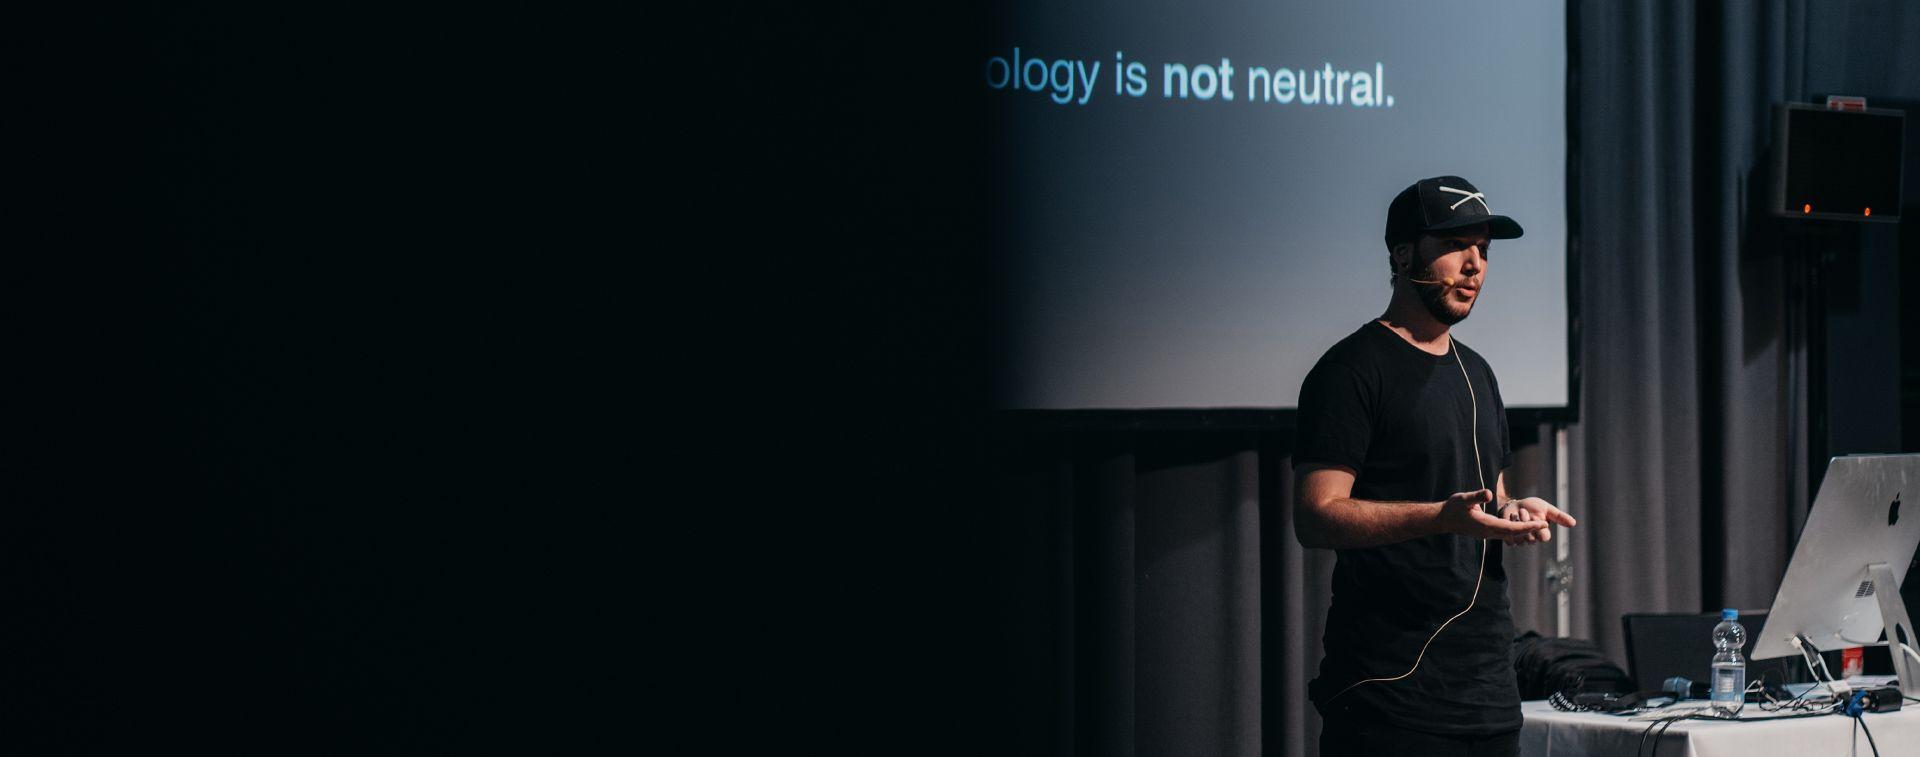 Daniel Zeitler speaking at a convention